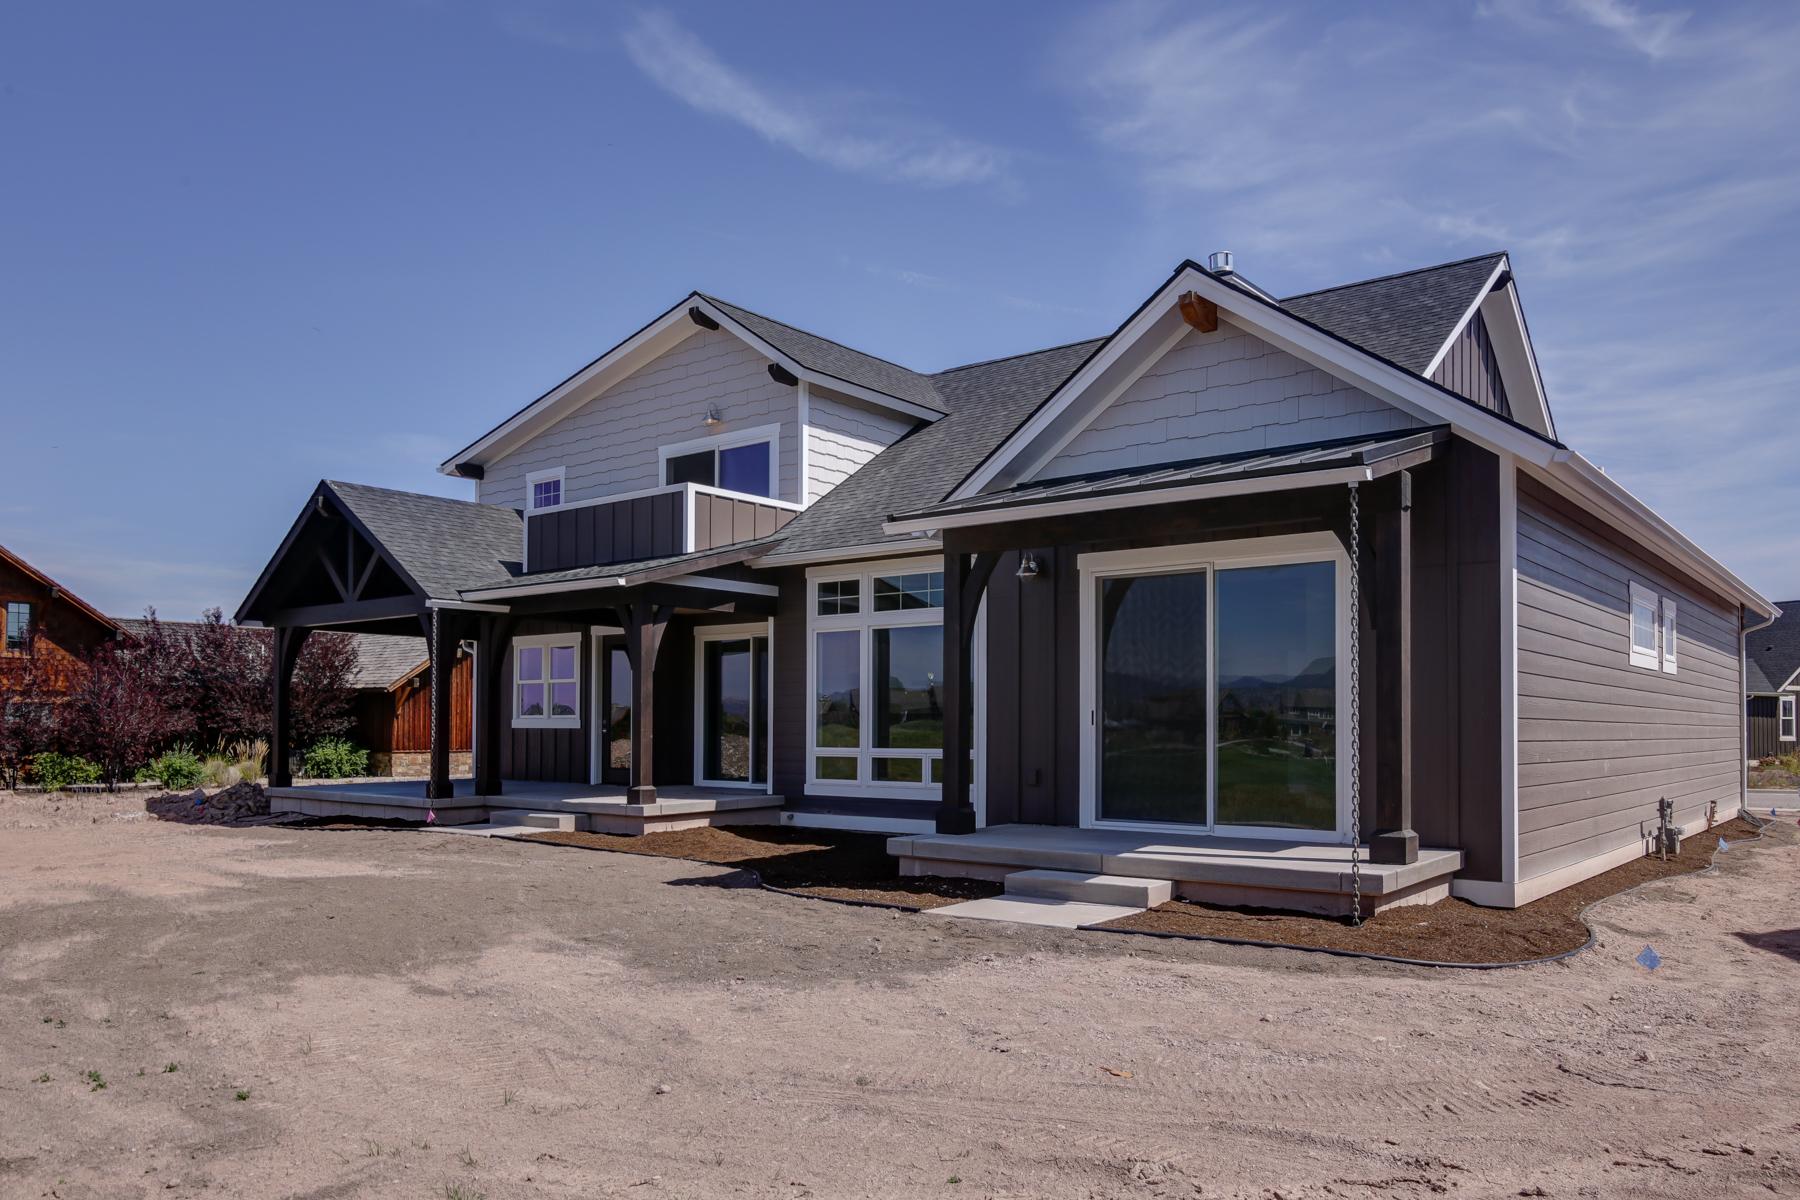 独户住宅 为 销售 在 2733 Bunkhouse Pl 2733 Bunkhouse 米苏拉, 蒙大拿州, 59808 美国